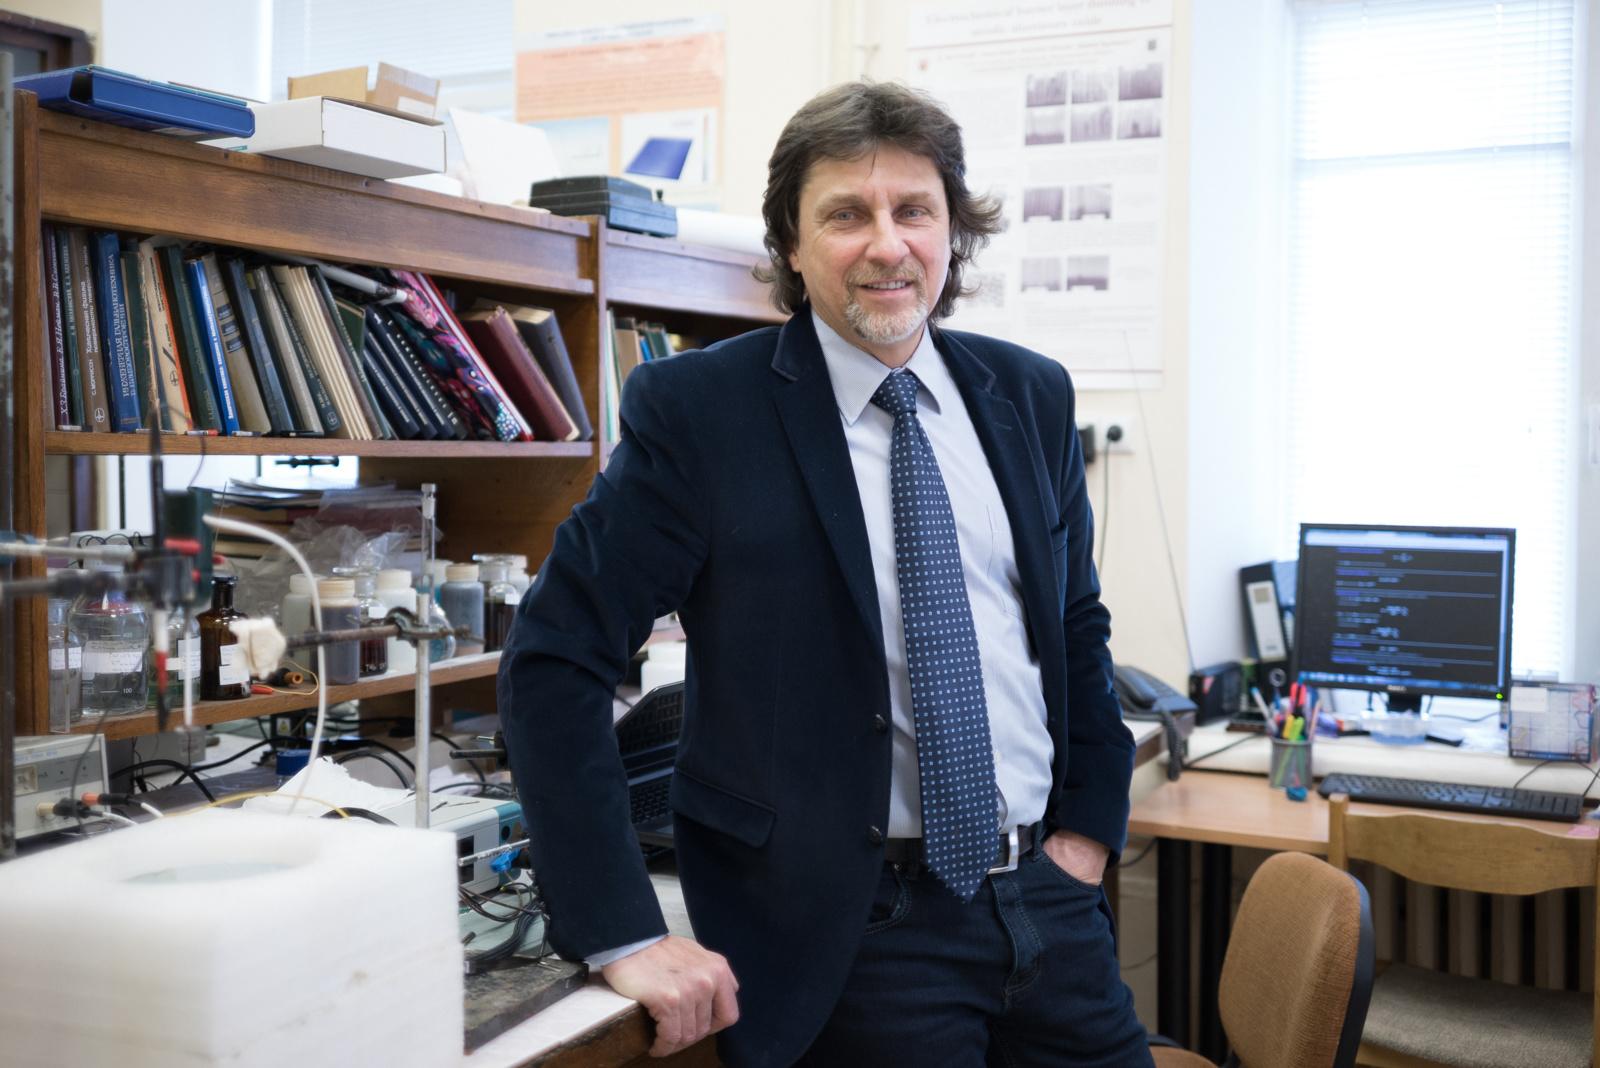 Mokslininkai kuria atliekų perdirbimo technologiją, leisiančią Lietuvai sutaupyti milijonus eurų